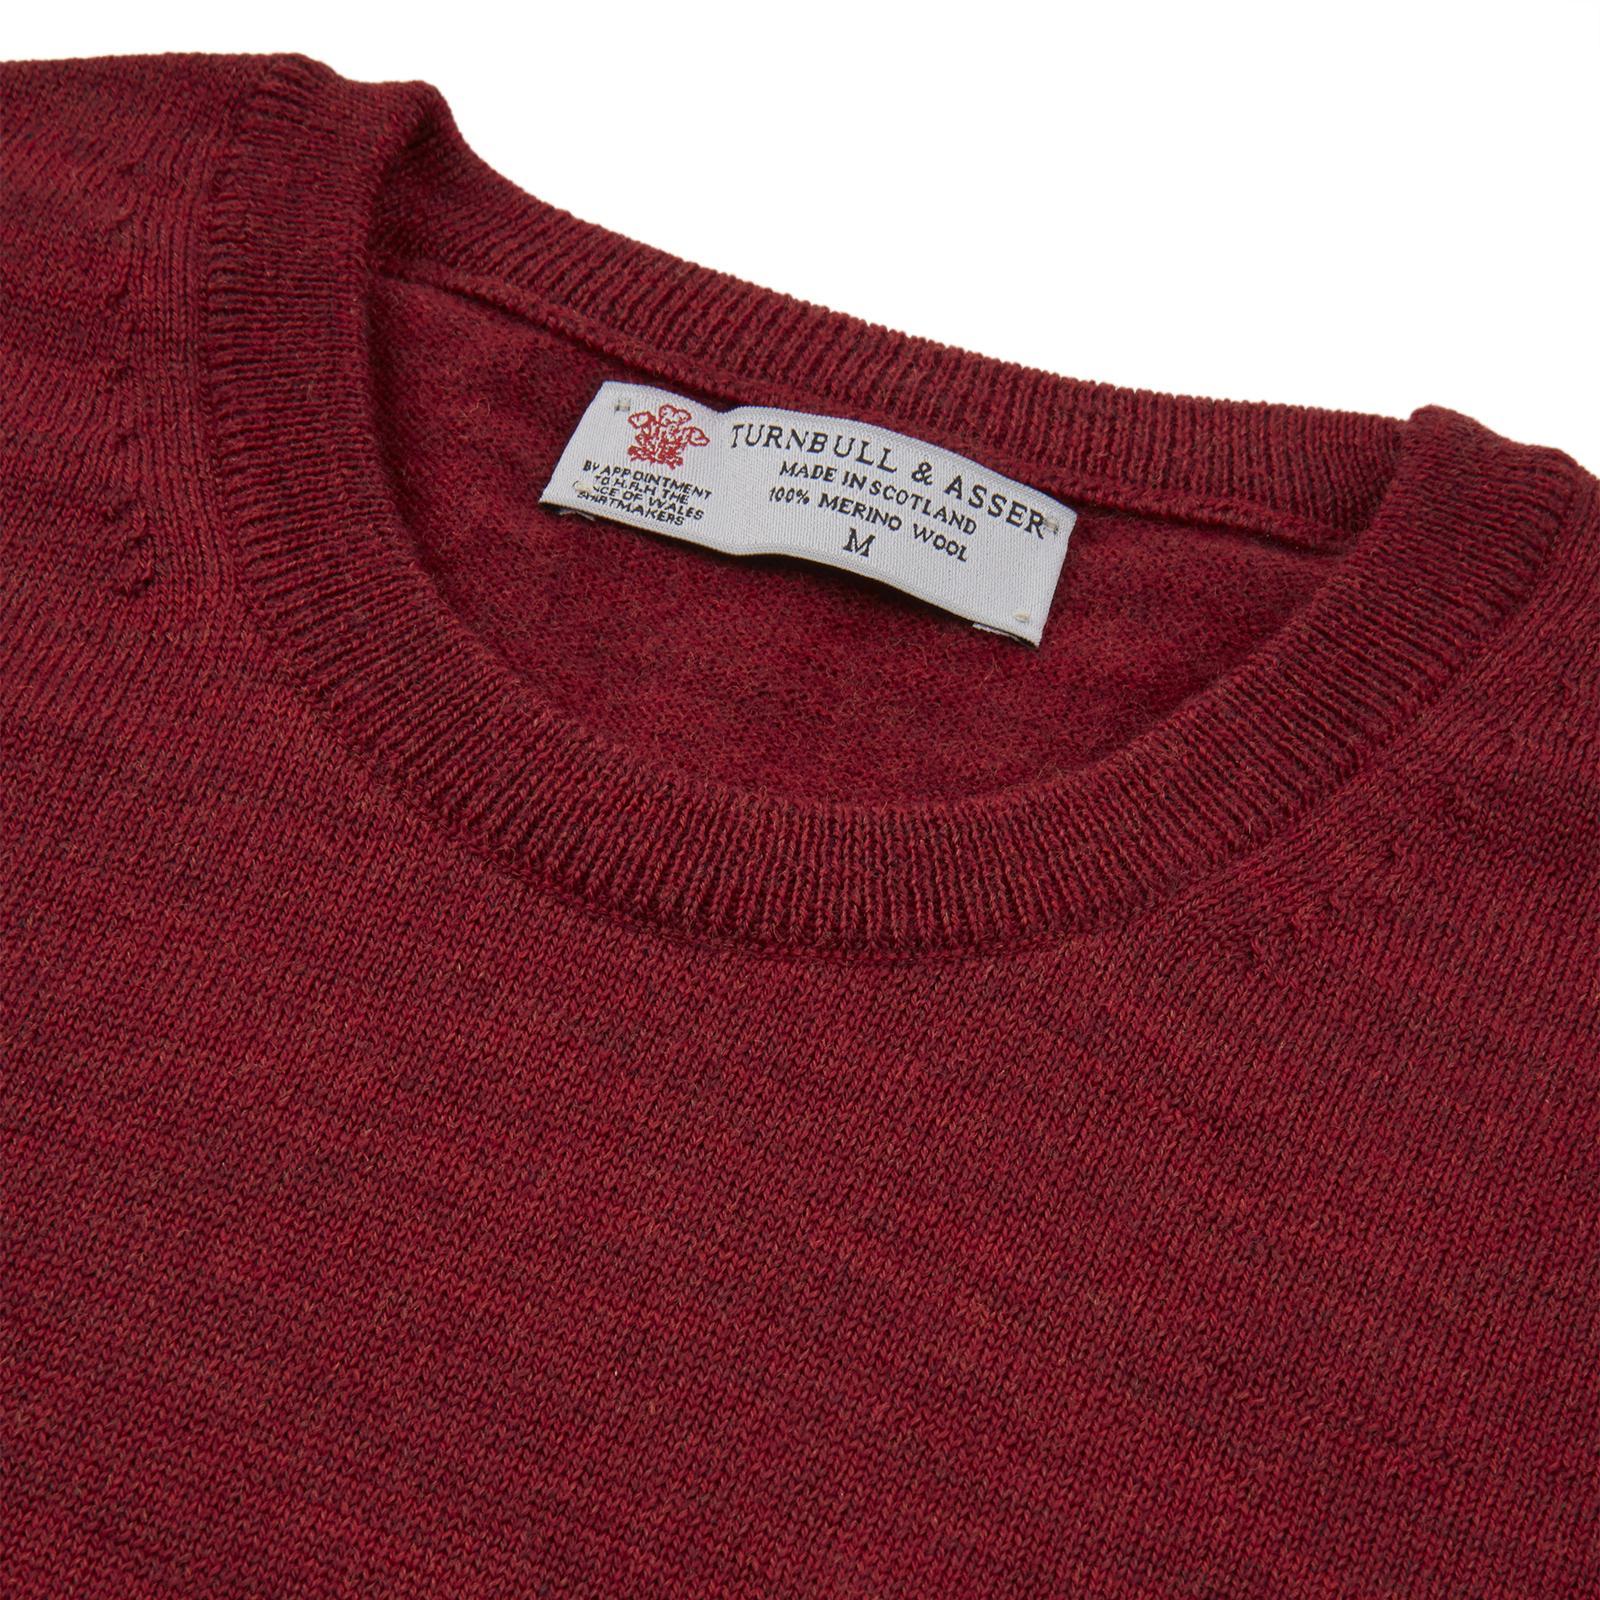 Turnbull & Asser Red Crew Neck Merino Wool Jumper for Men